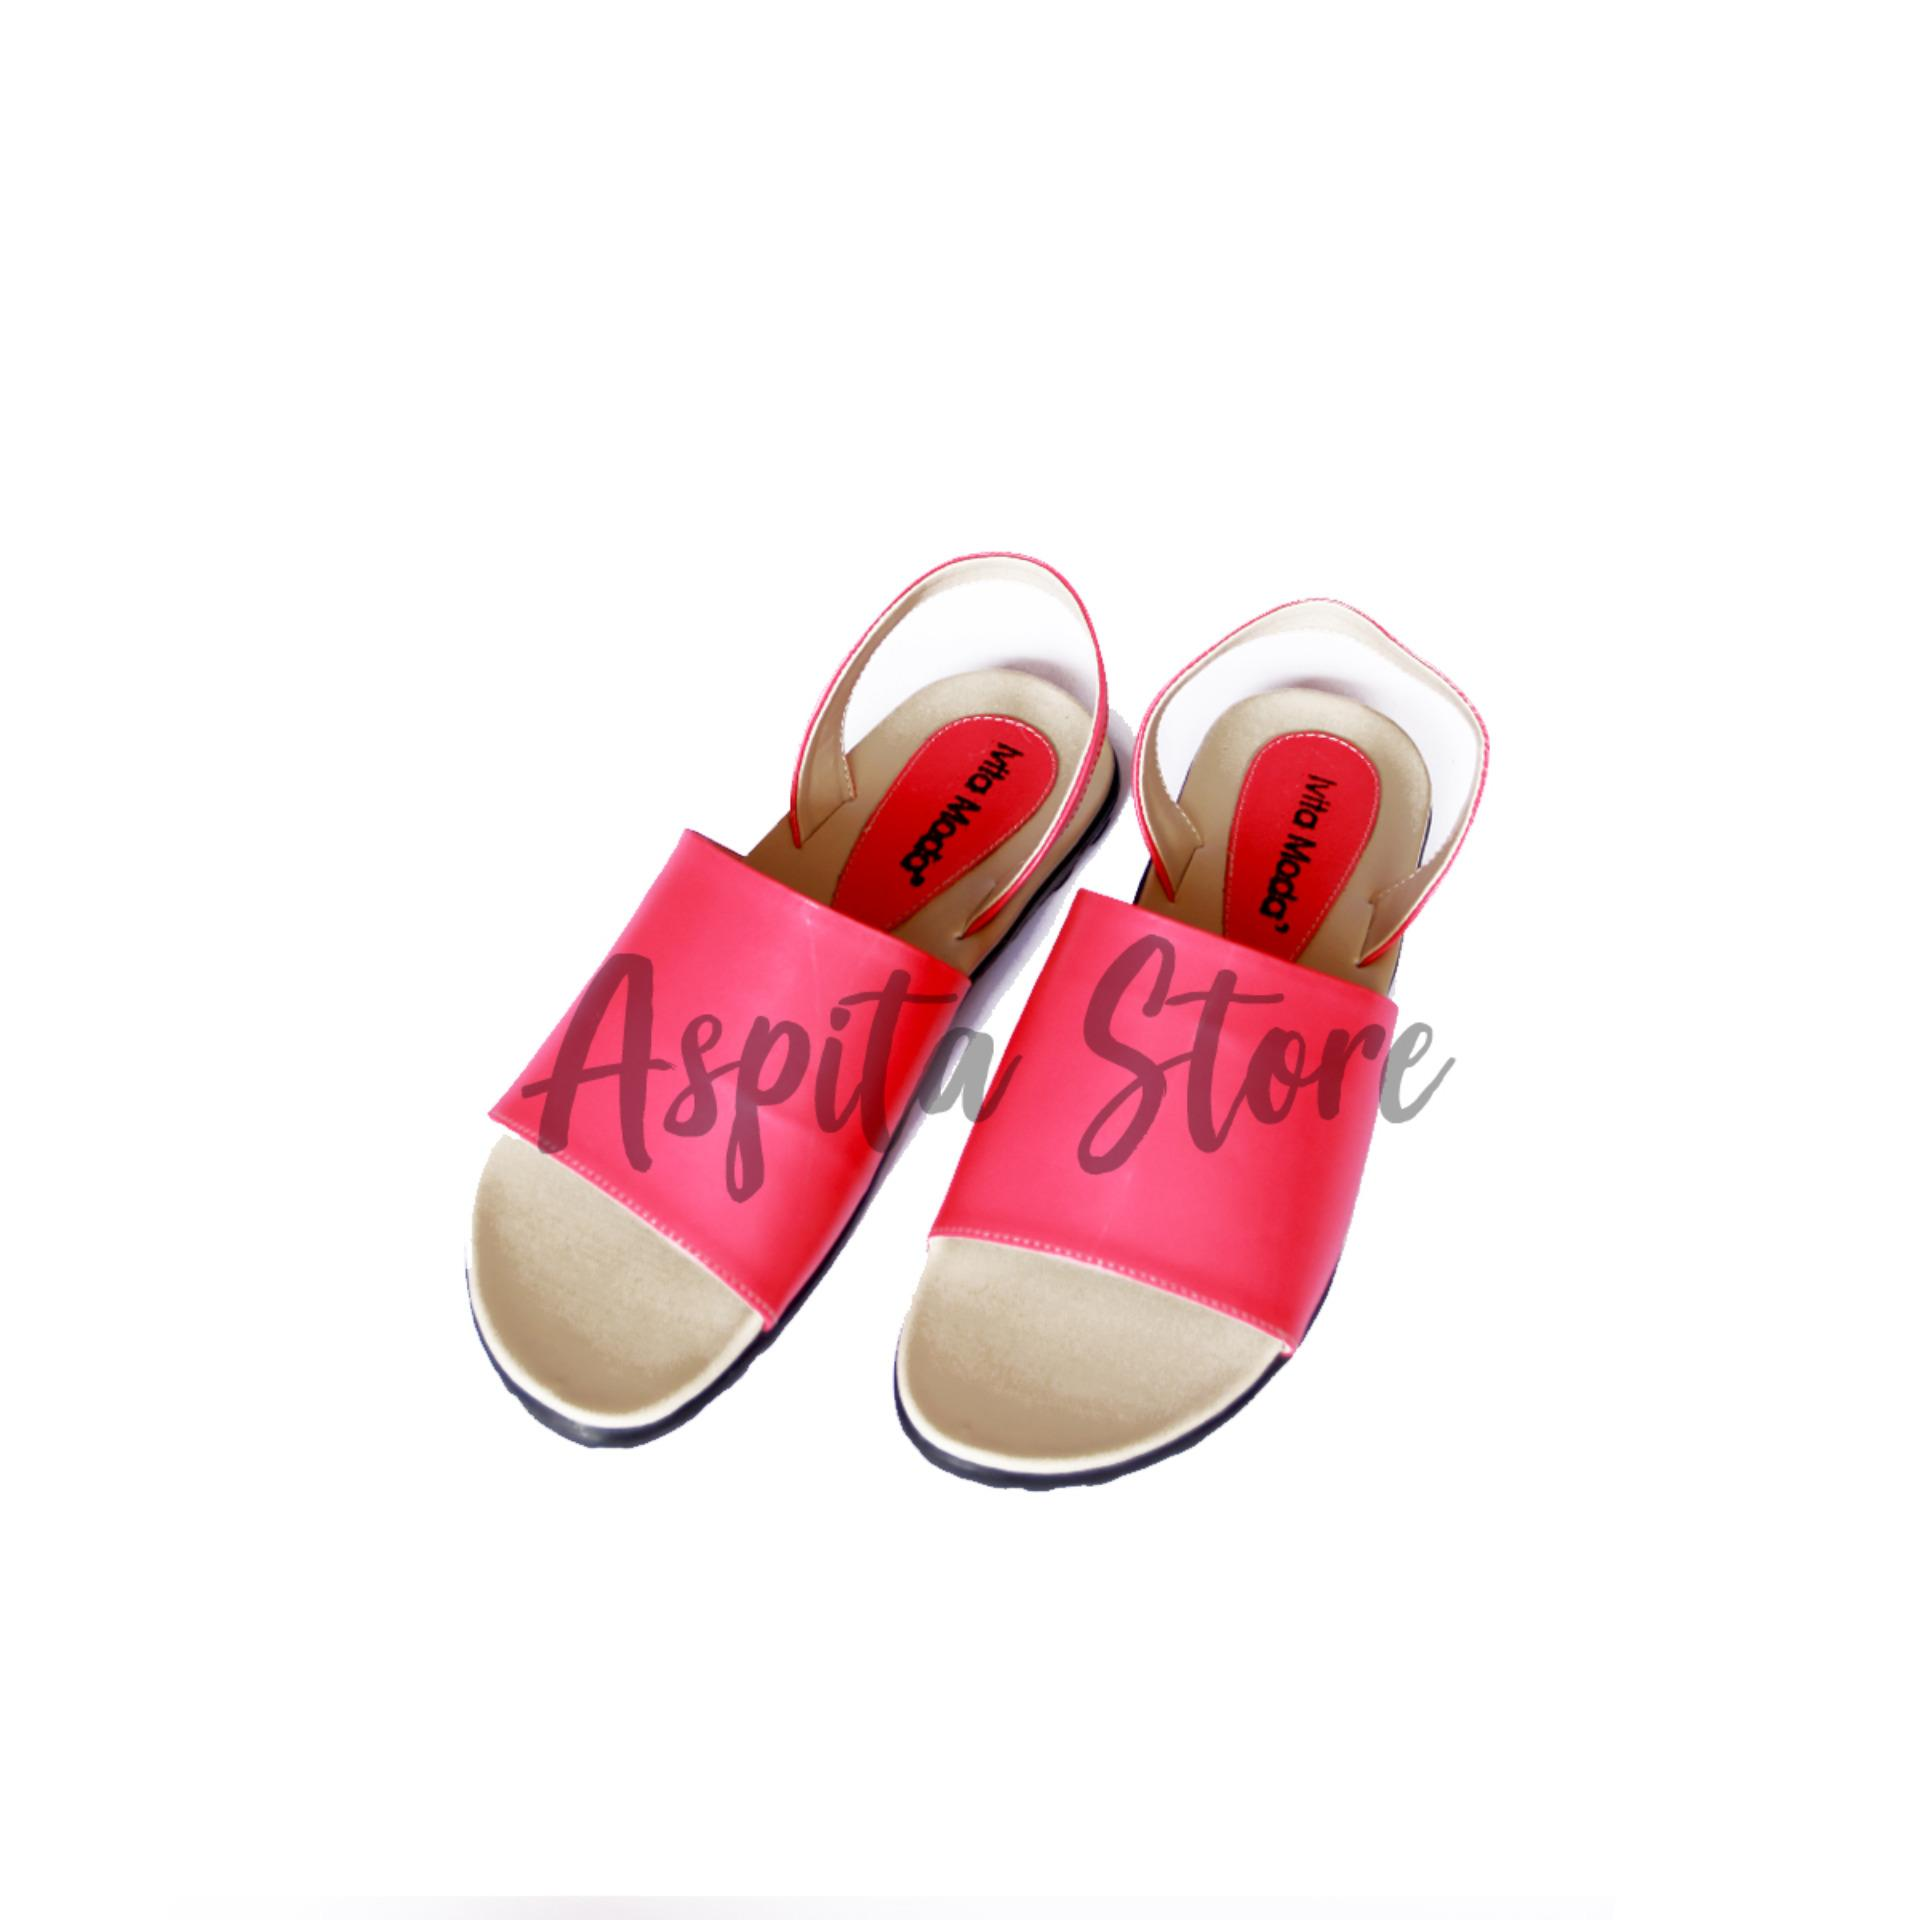 Sandal Kulit Sandal Tali Merah Muda Wanita Trendy Asli Garut Premium Murah - Aspita Store